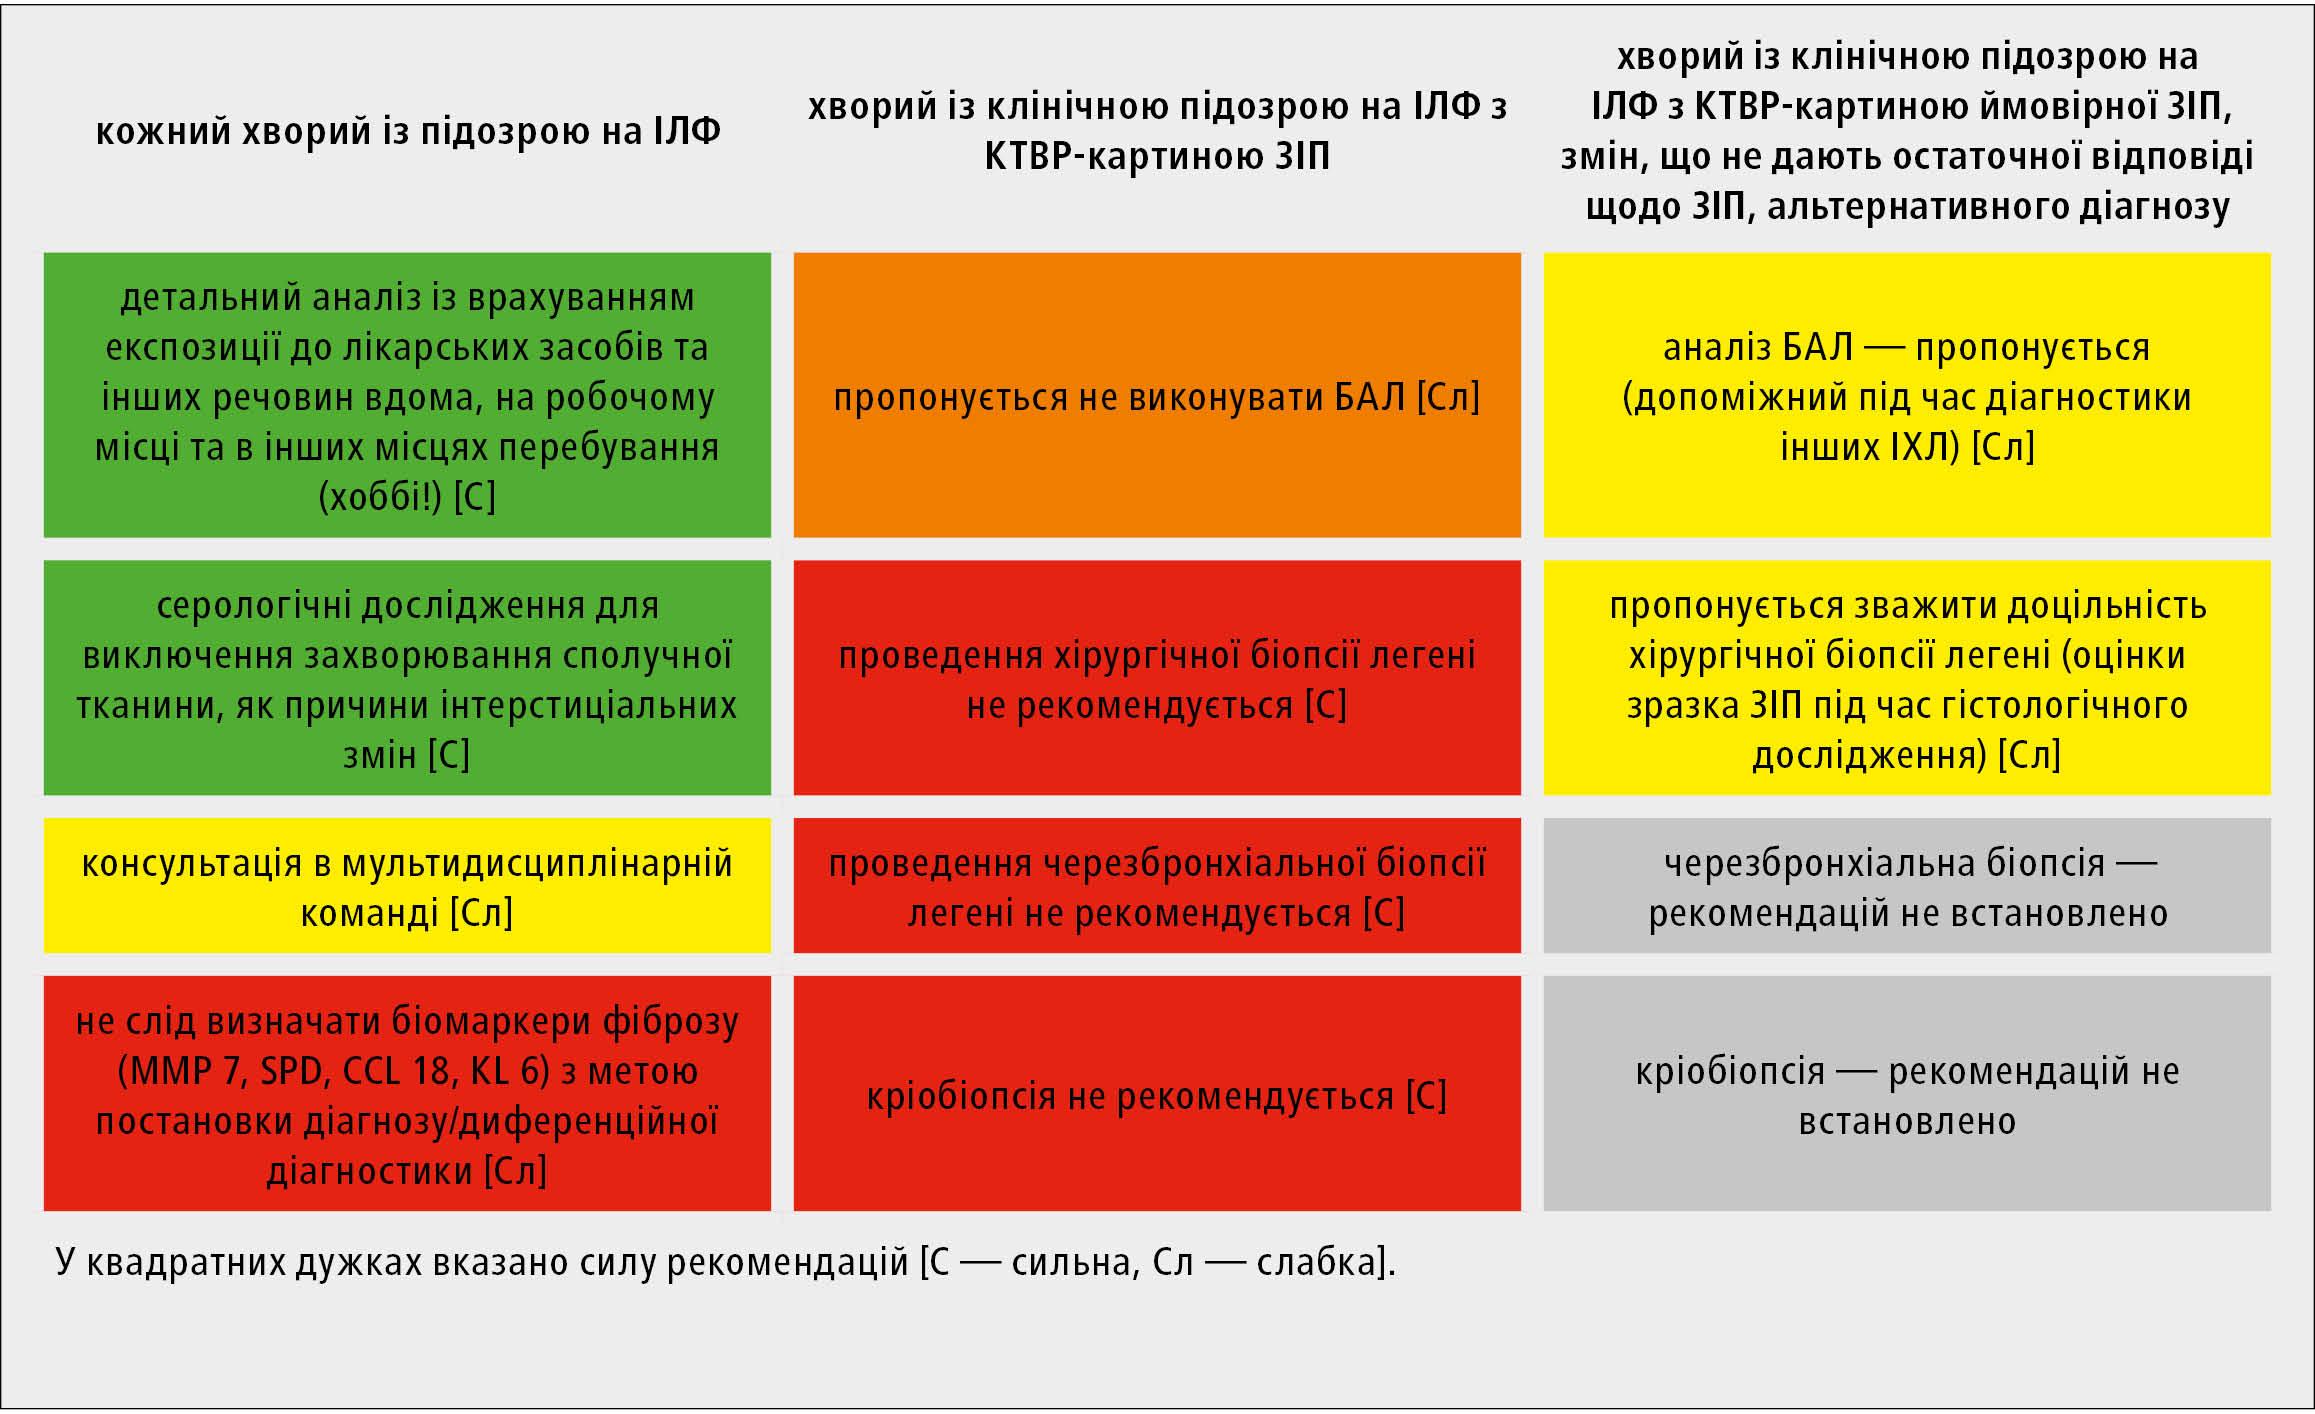 Рекомендації щодо досліджень, які застосовують під час діагностики ІЛФ (на основі міжнародних клінічних протоколів ATS/ERS/JRS/ALAT14)